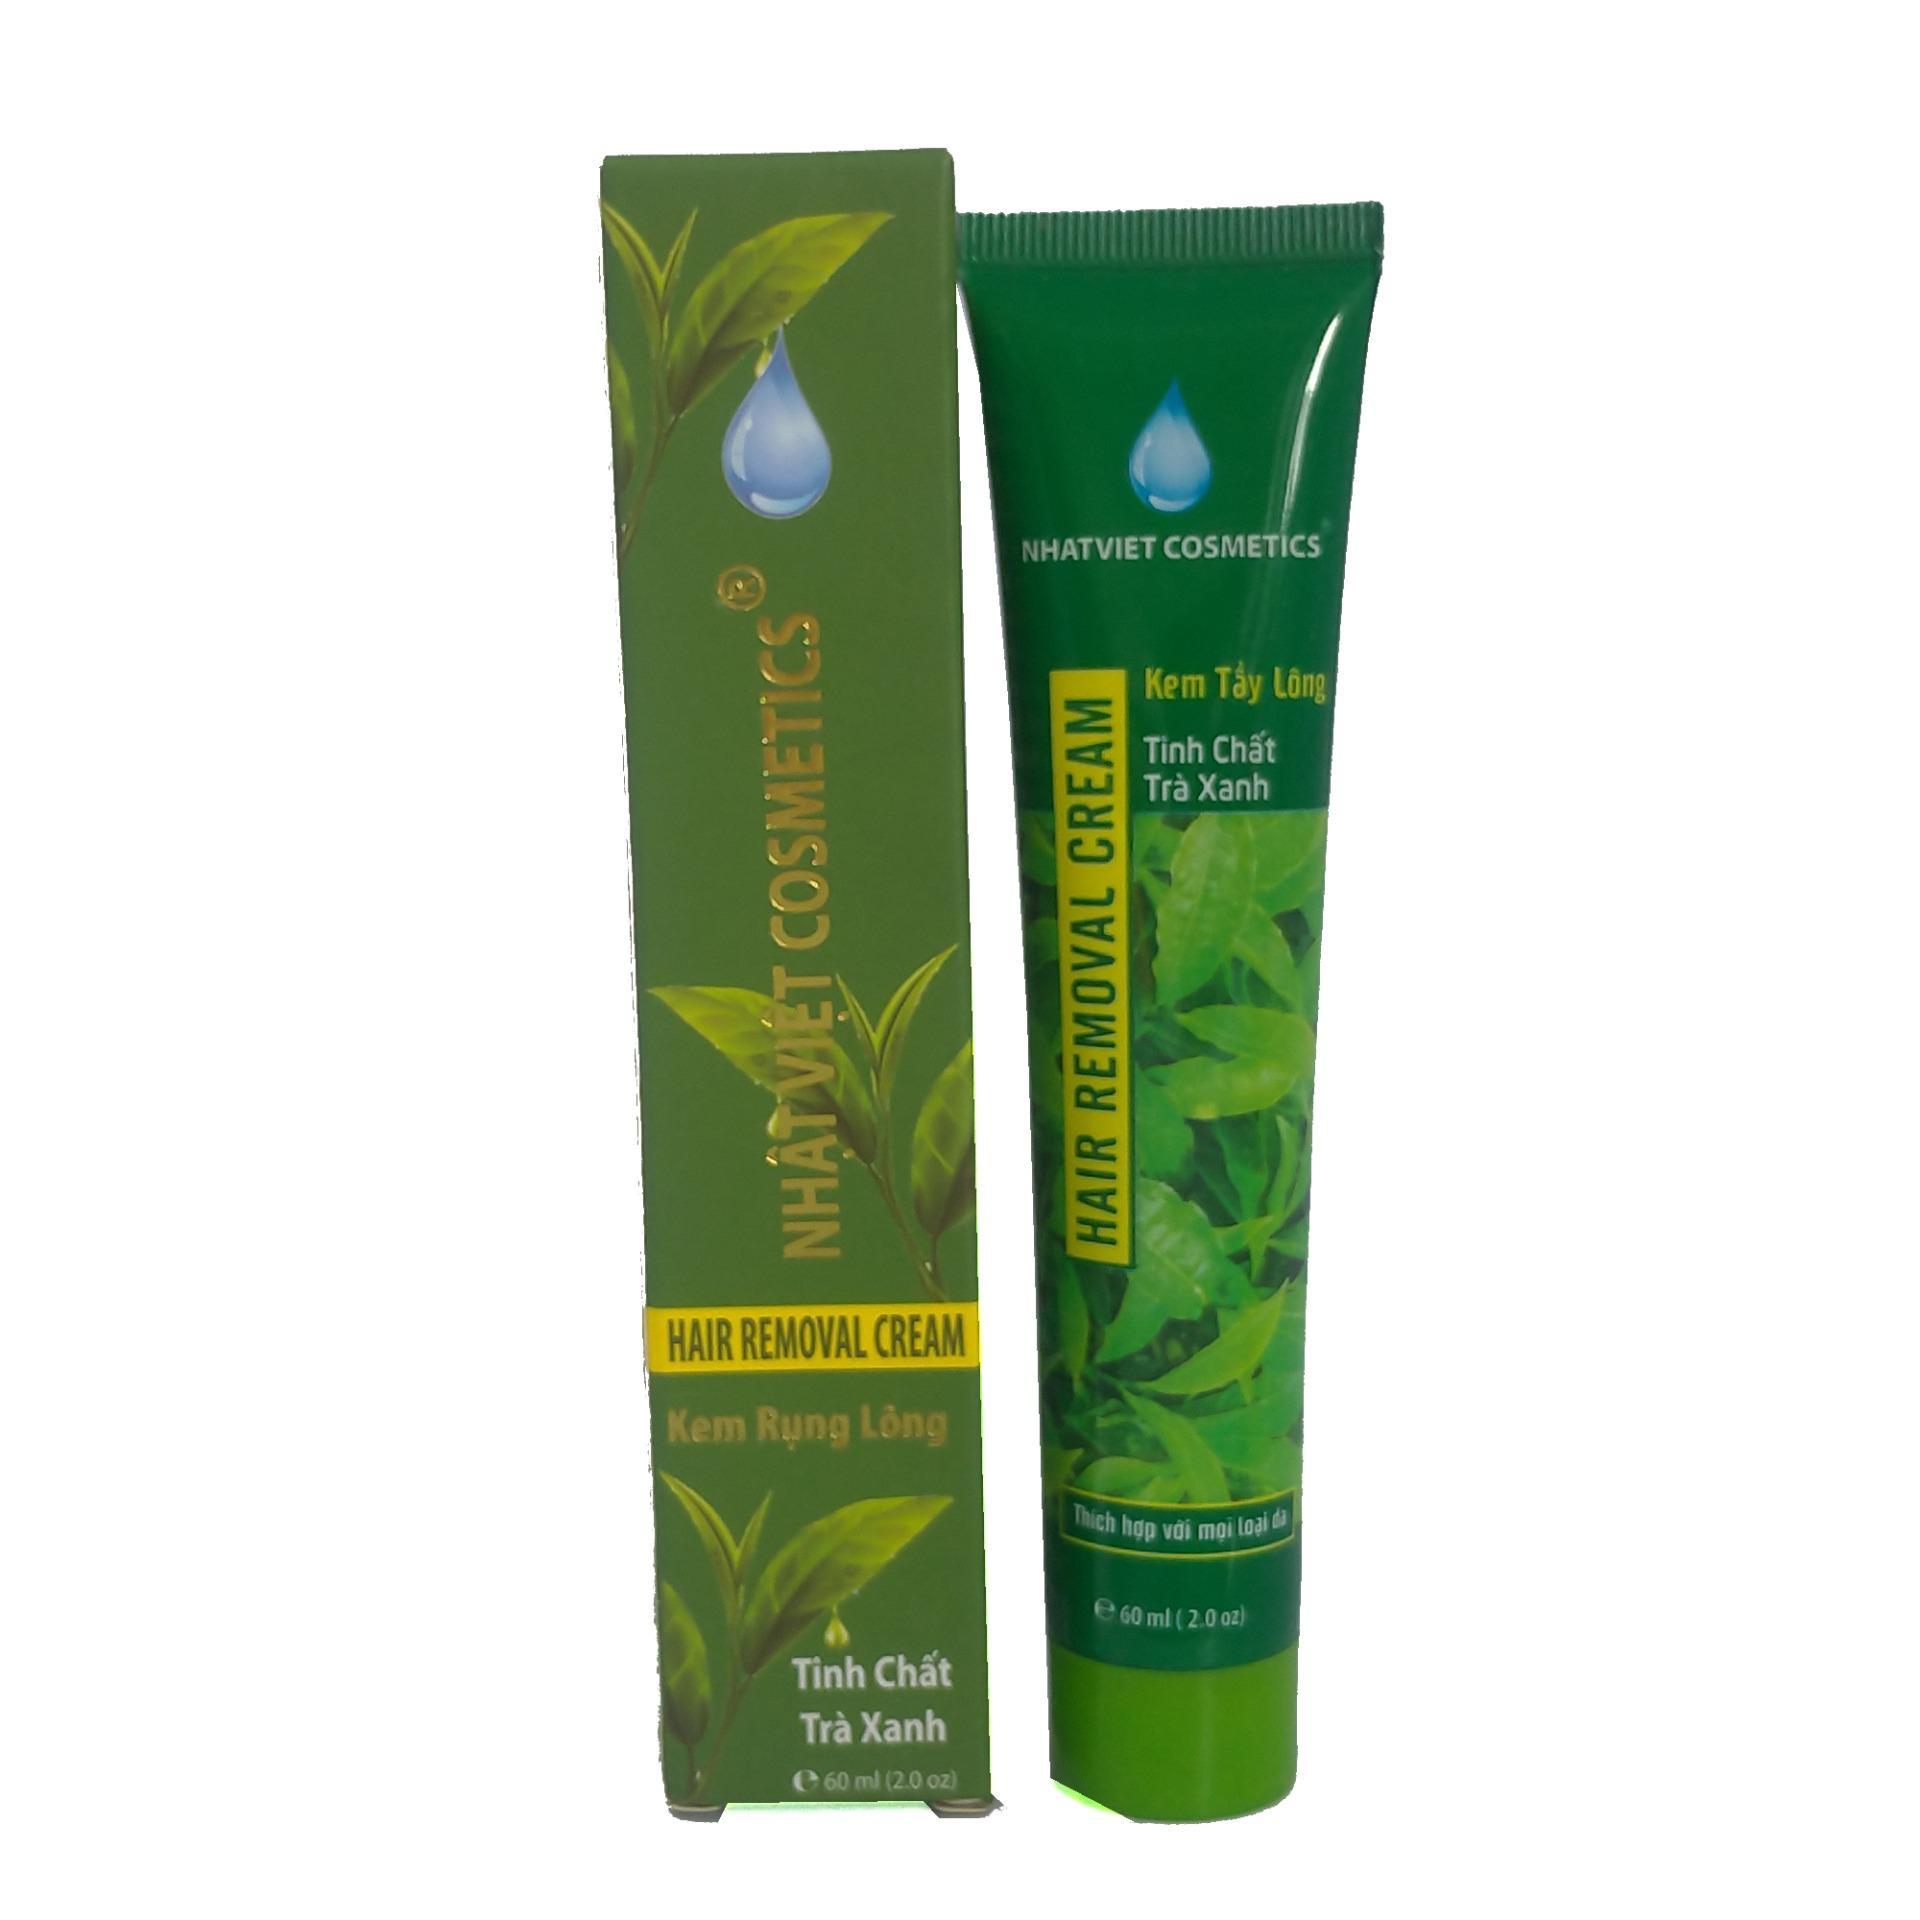 Kem rụng lông tinh chất Trà xanh Nhật Việt 60ml (Xanh) nhập khẩu